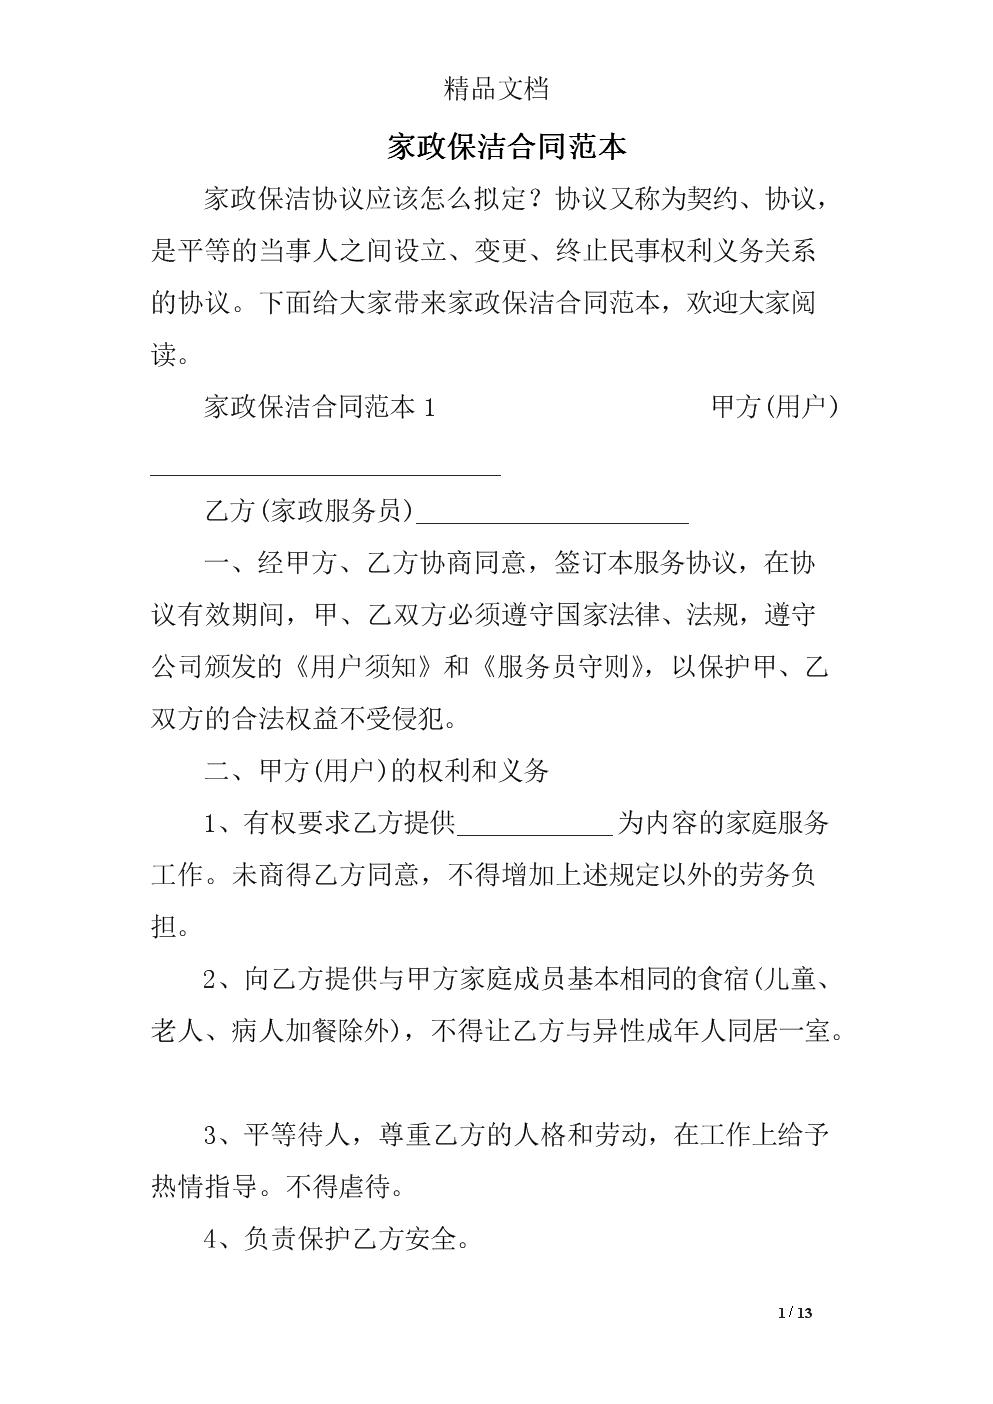 上海正规找人公司_上海专业正规找人公司_上海哪里找正规装修队